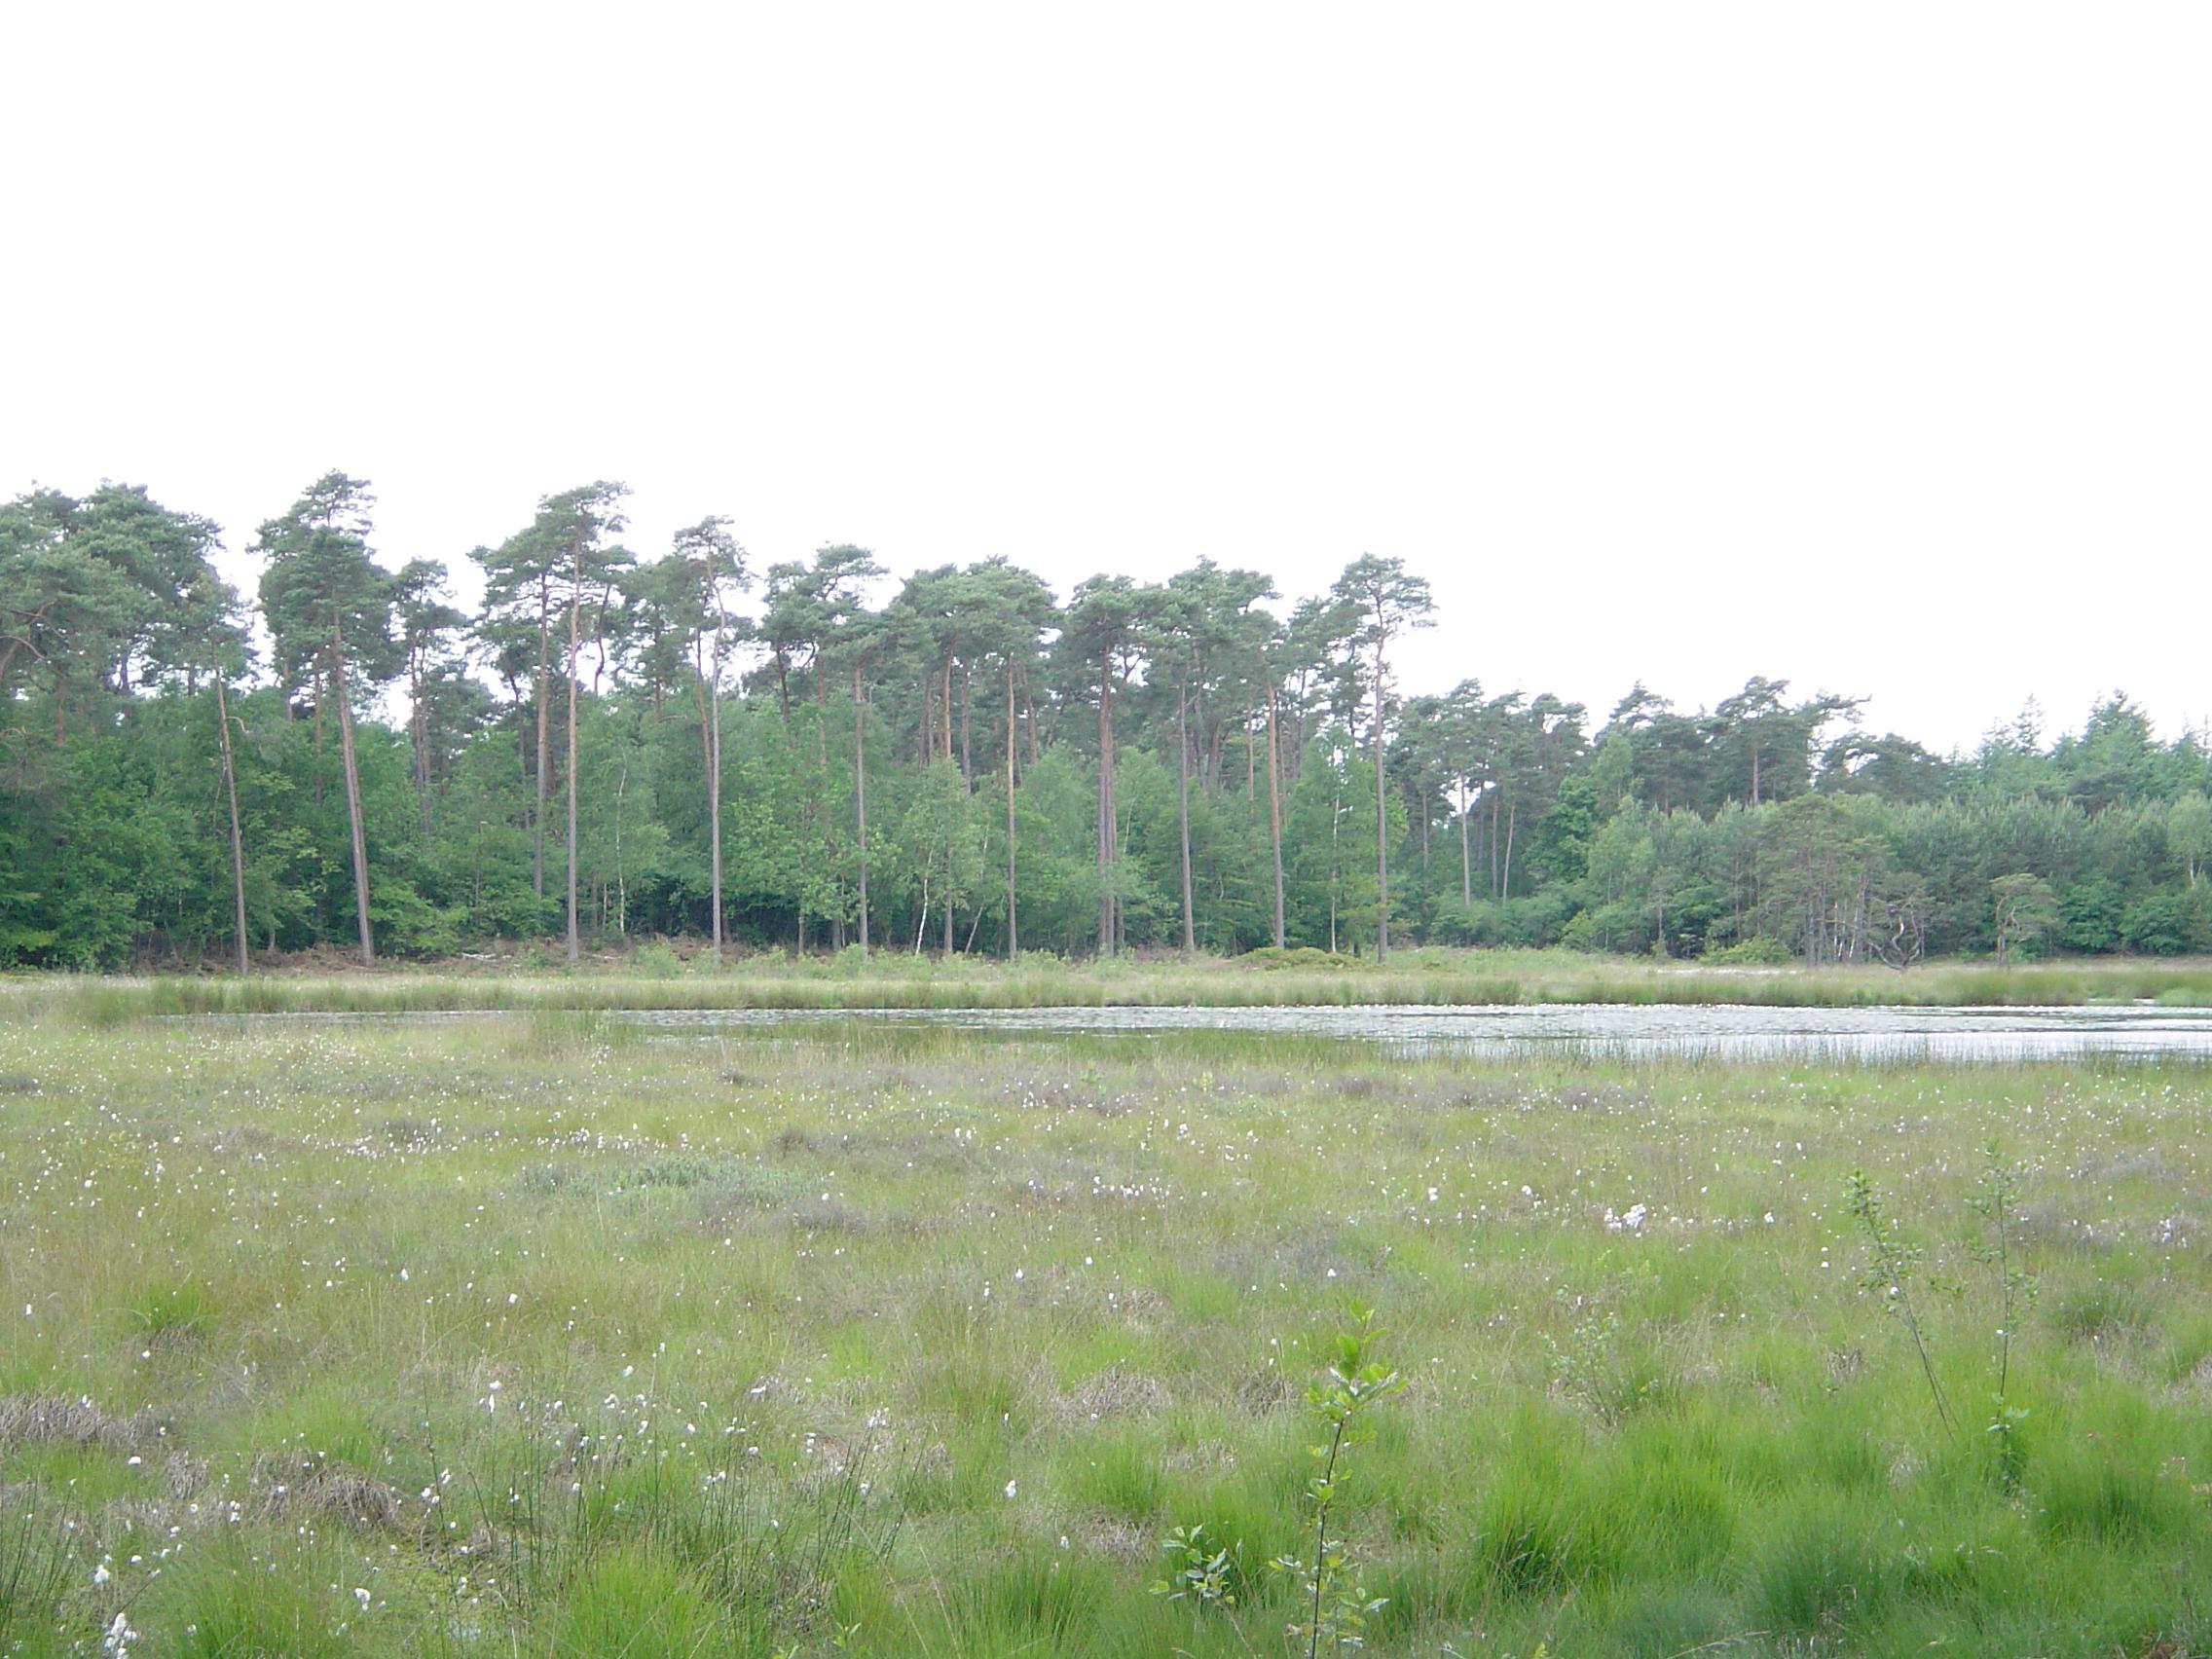 Woods around Ommen (Holland) - June 2005